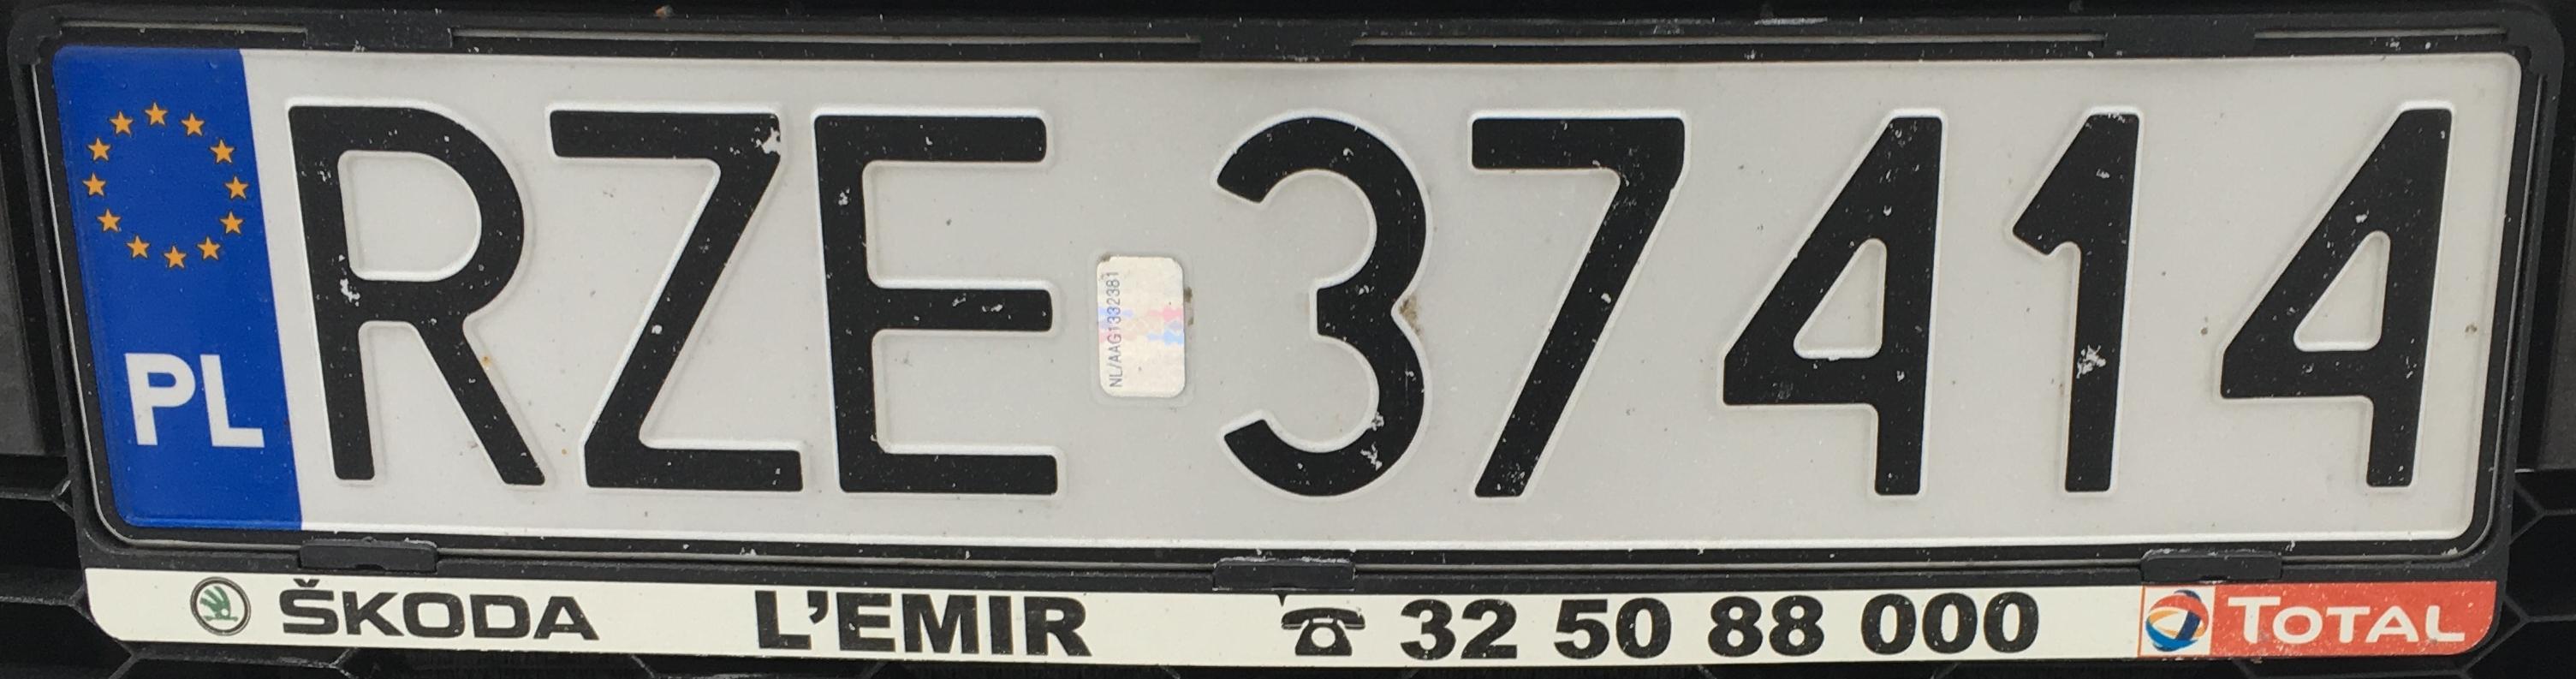 Registrační značka Polsko - RZE - Rzeszów-venkov, foto: www.podalnici.cz